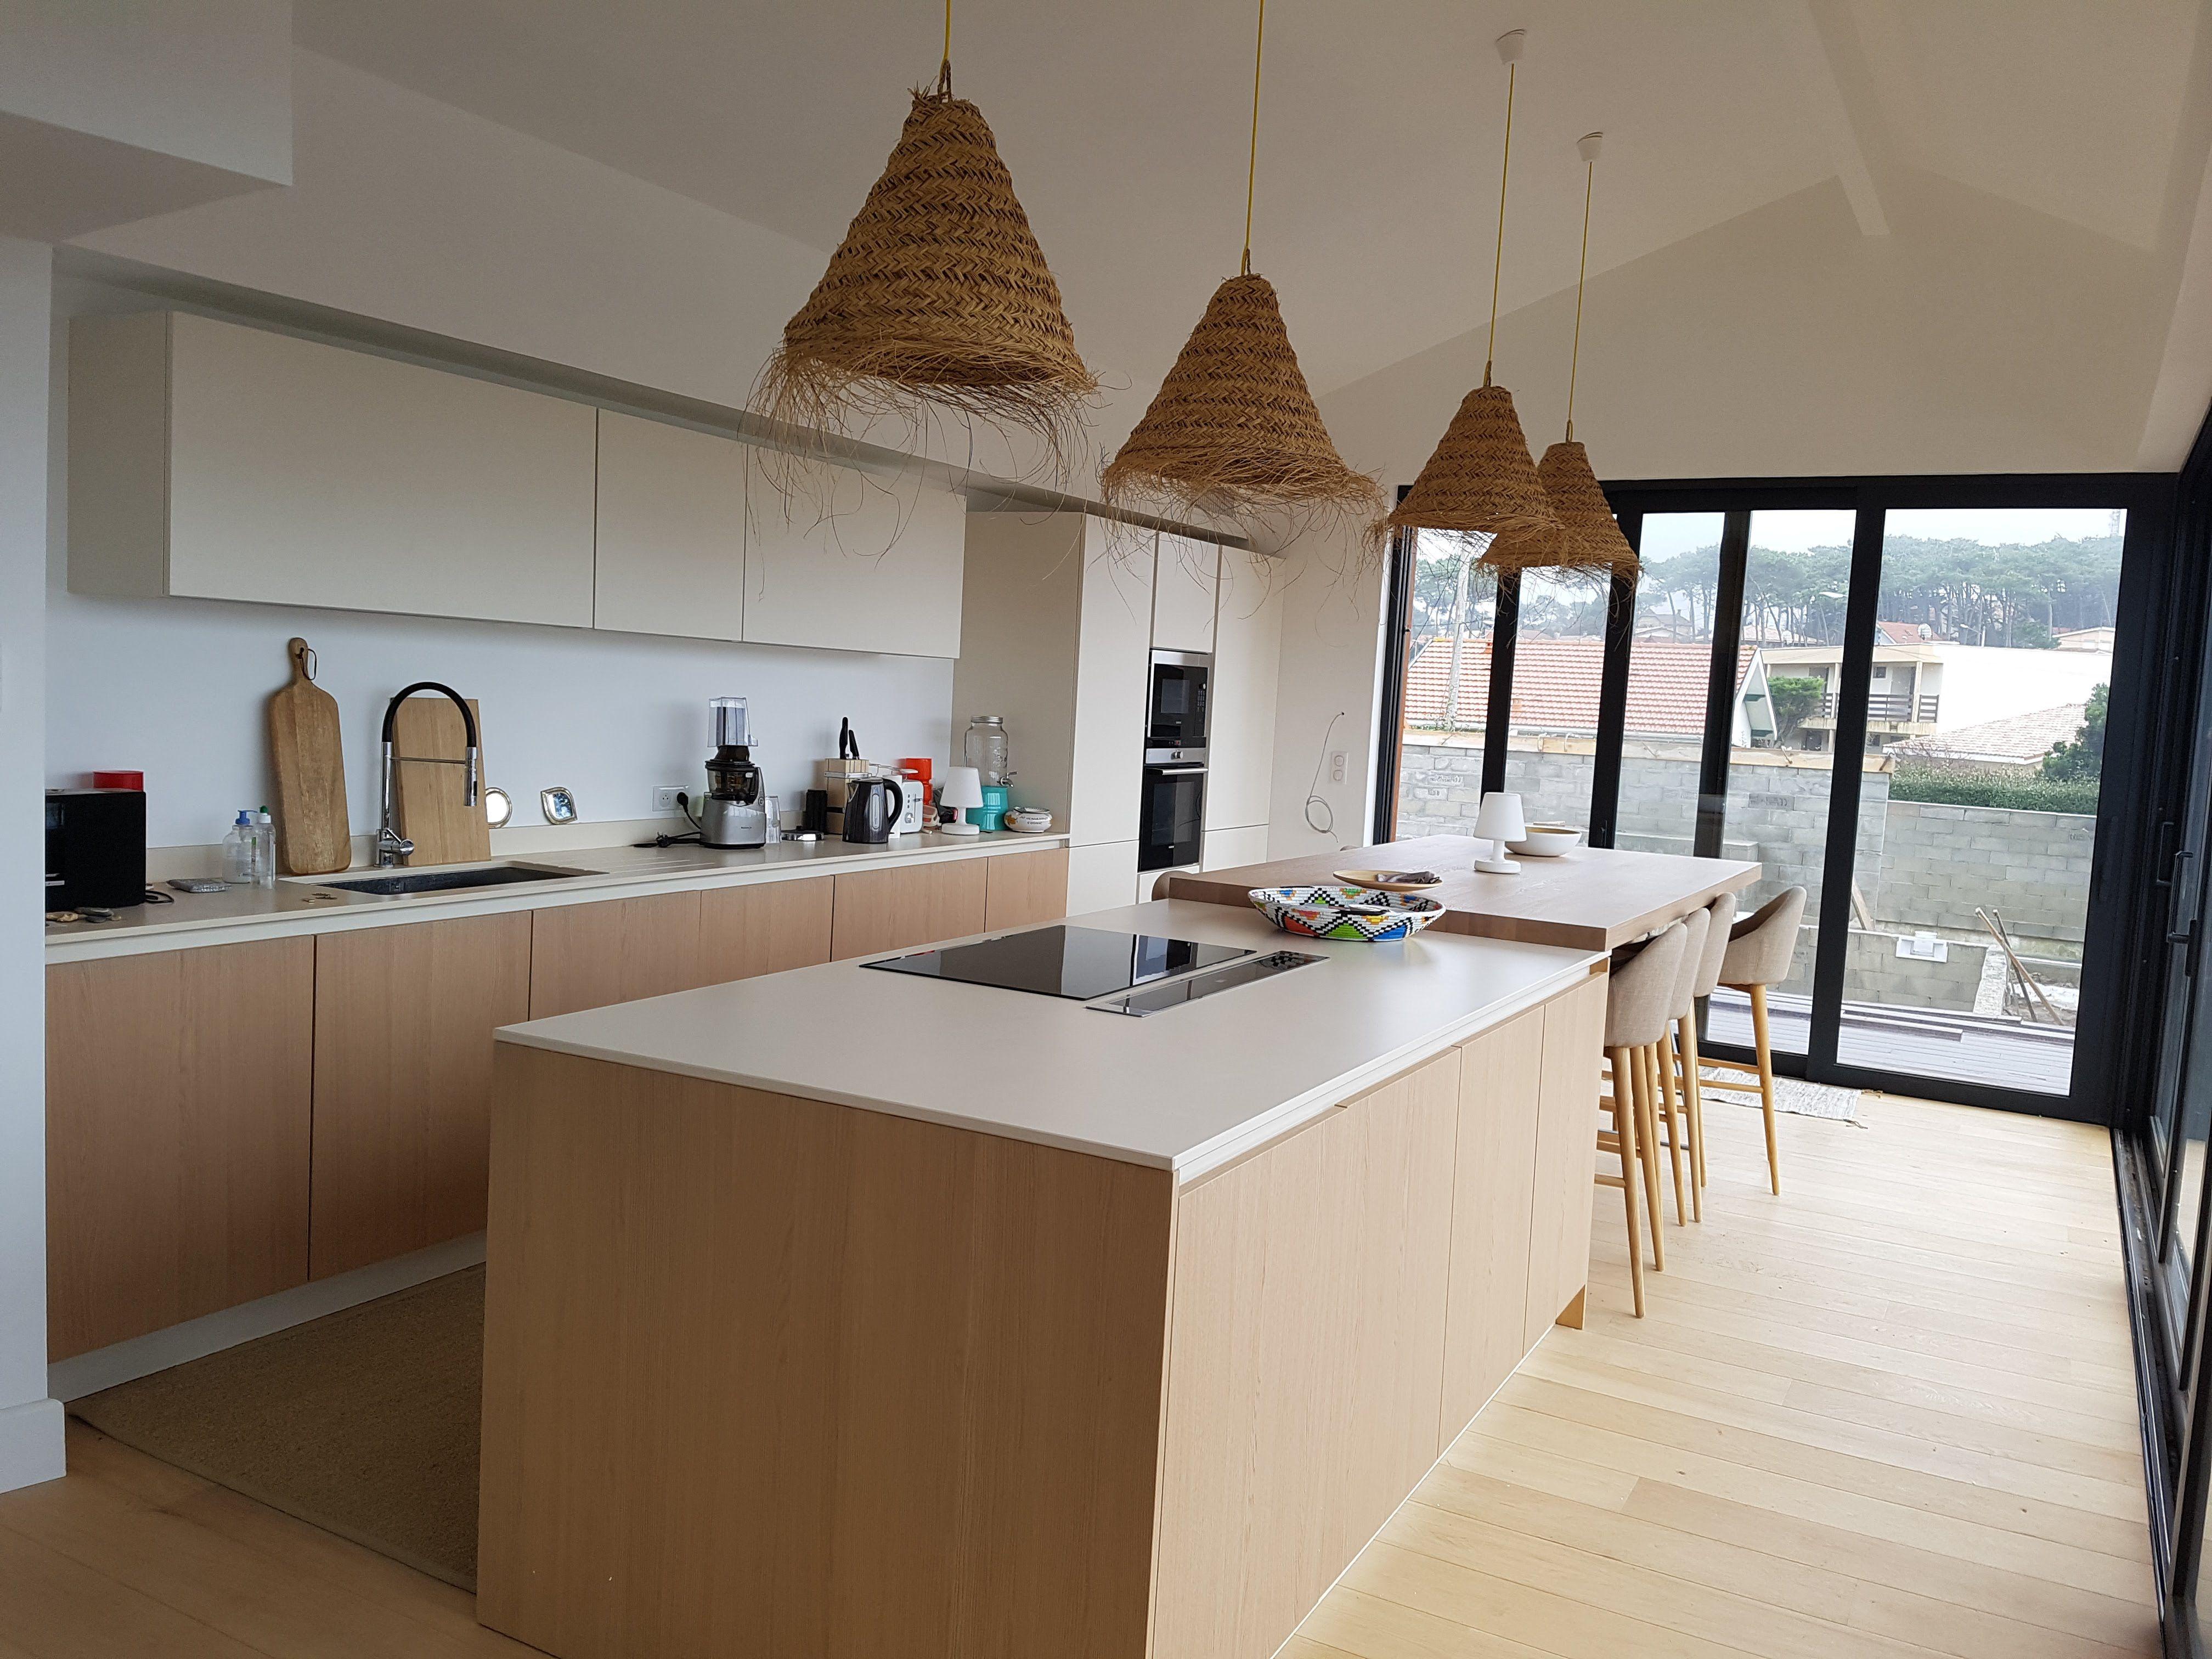 cuisine beige et bois lacanau cuisine haut de gamme bois beige cuisinistebordeaux. Black Bedroom Furniture Sets. Home Design Ideas